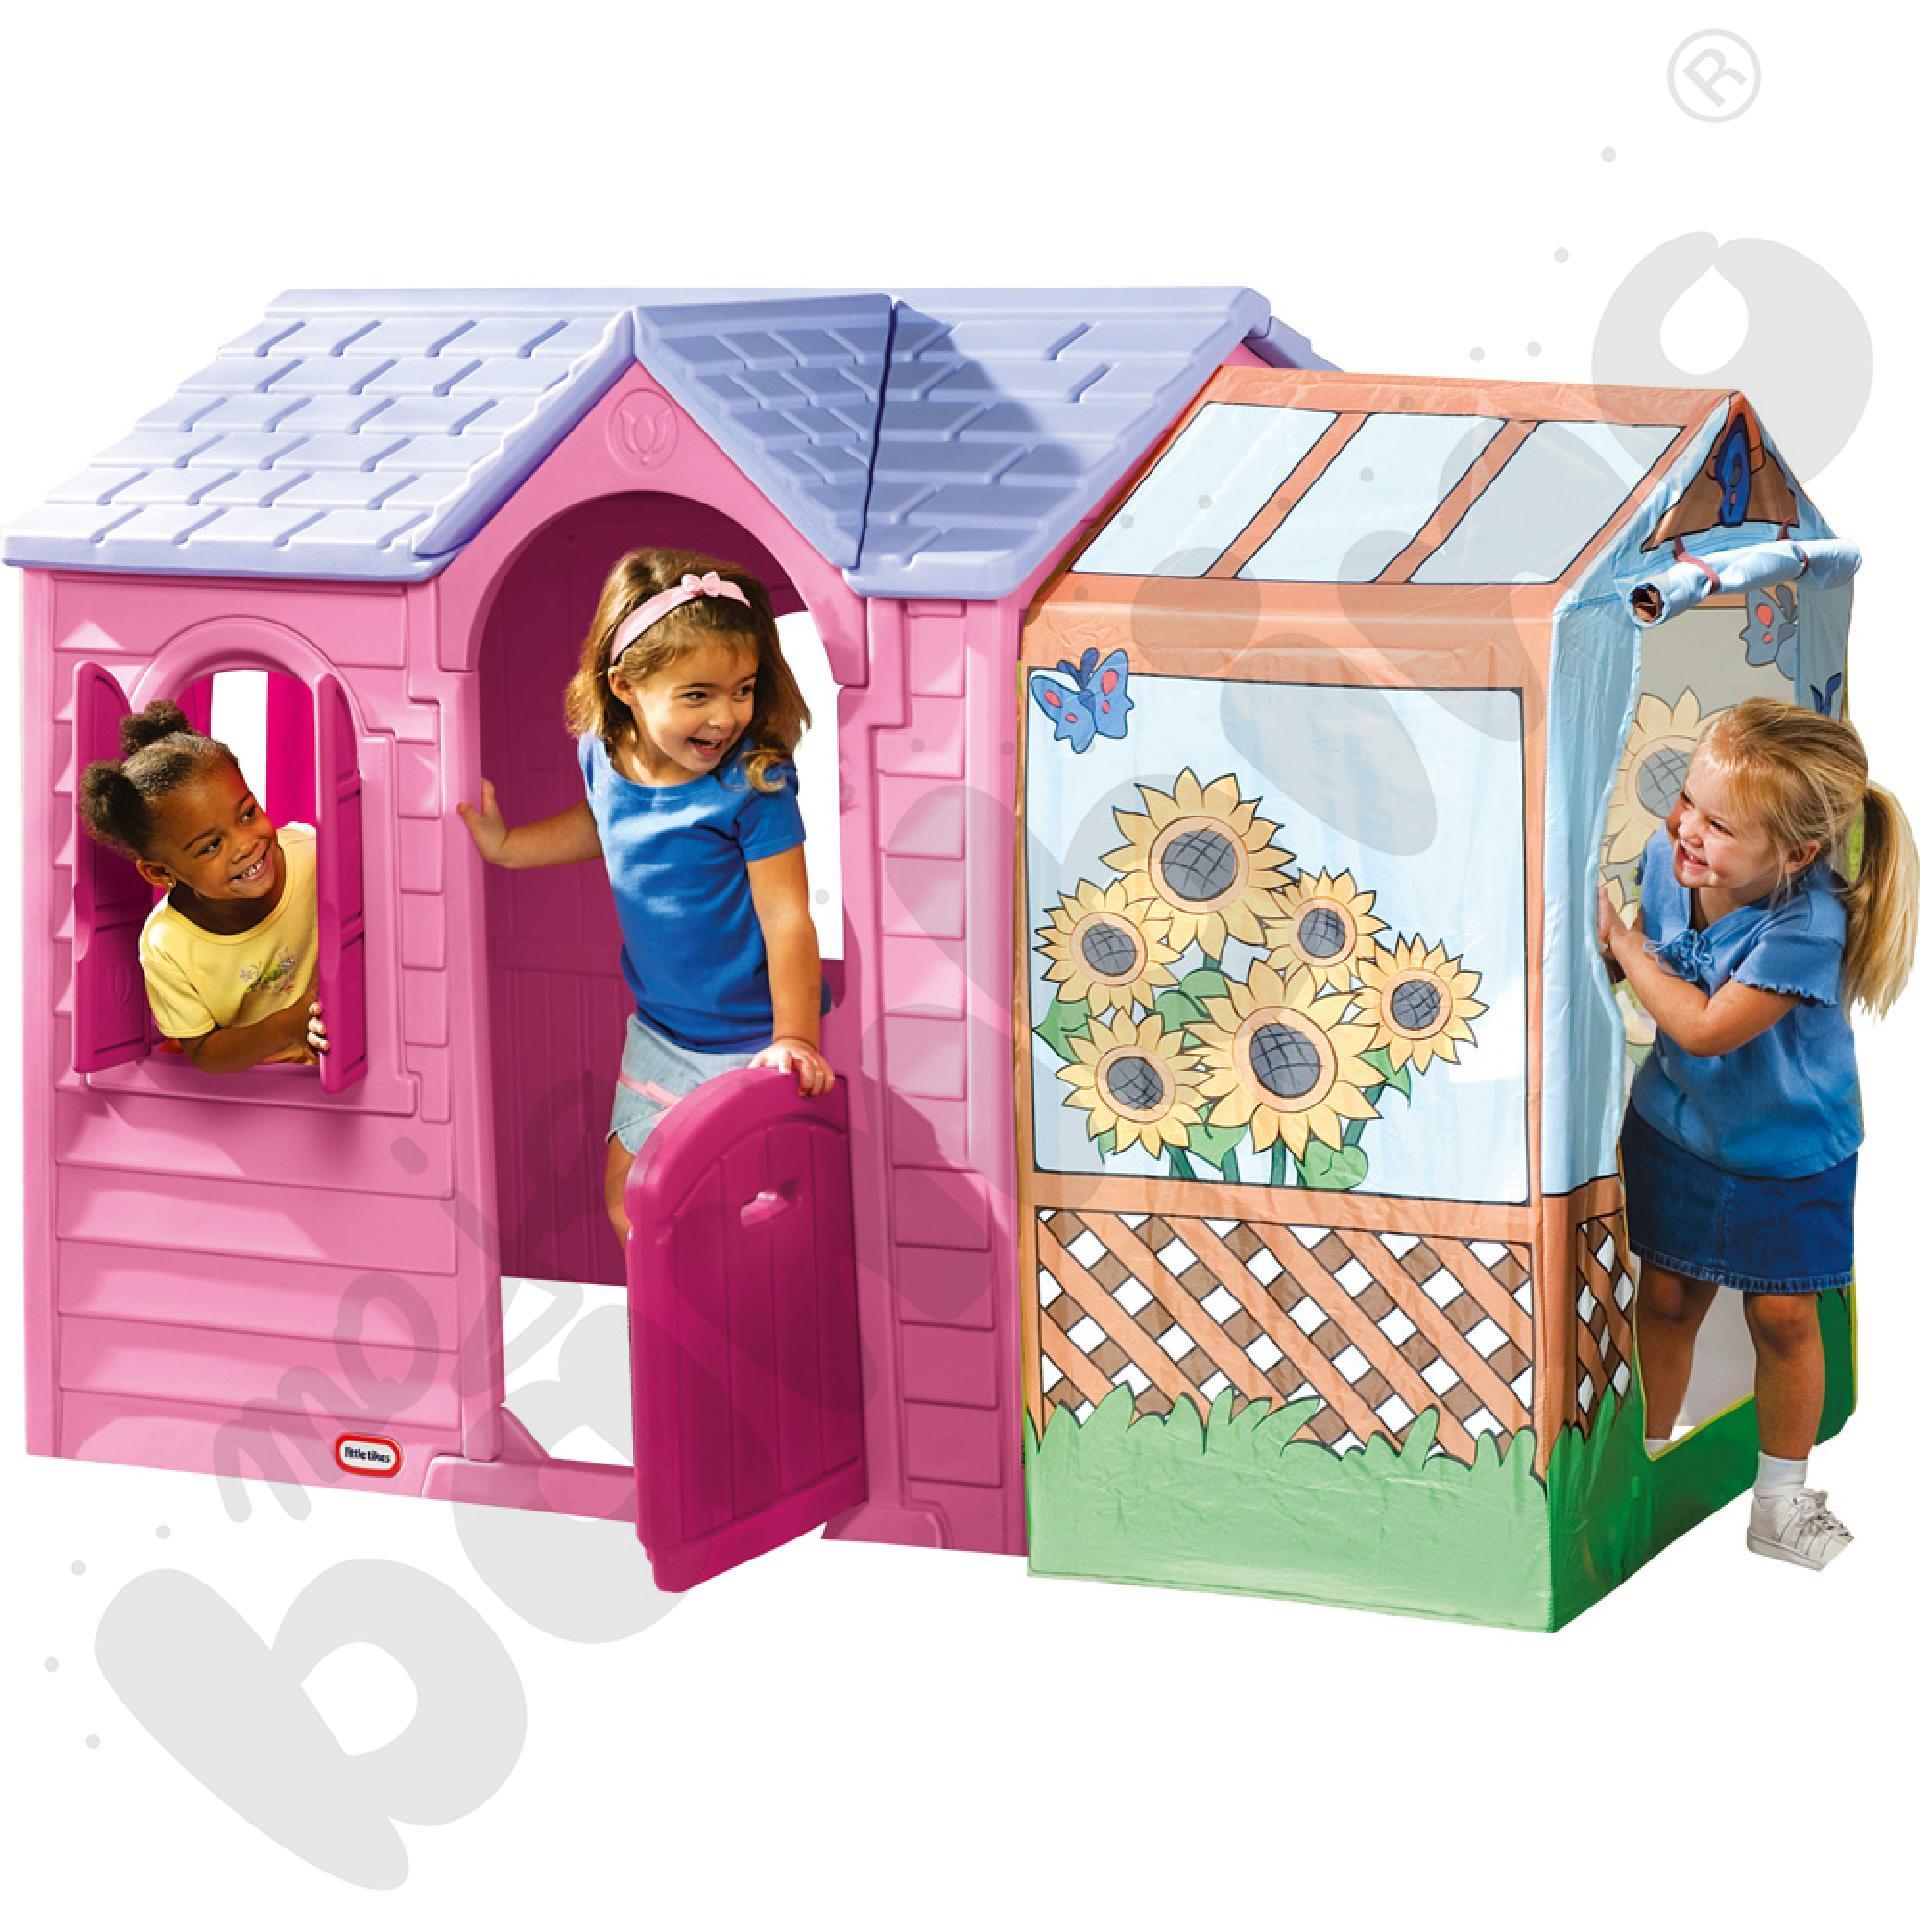 Letni domek do zabawy różowy